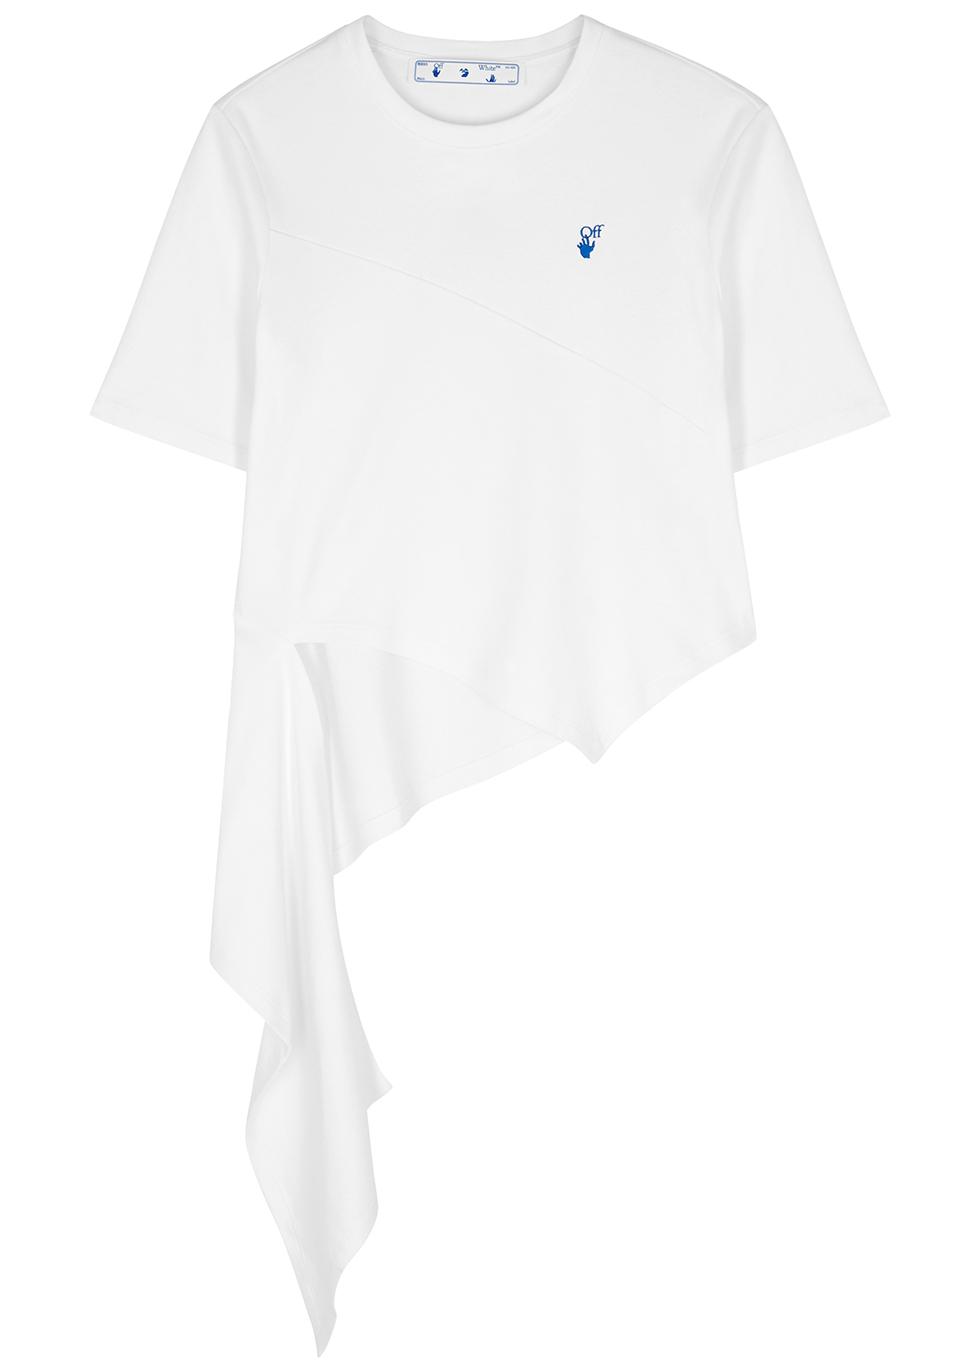 DNA Spiral white cotton T-shirt